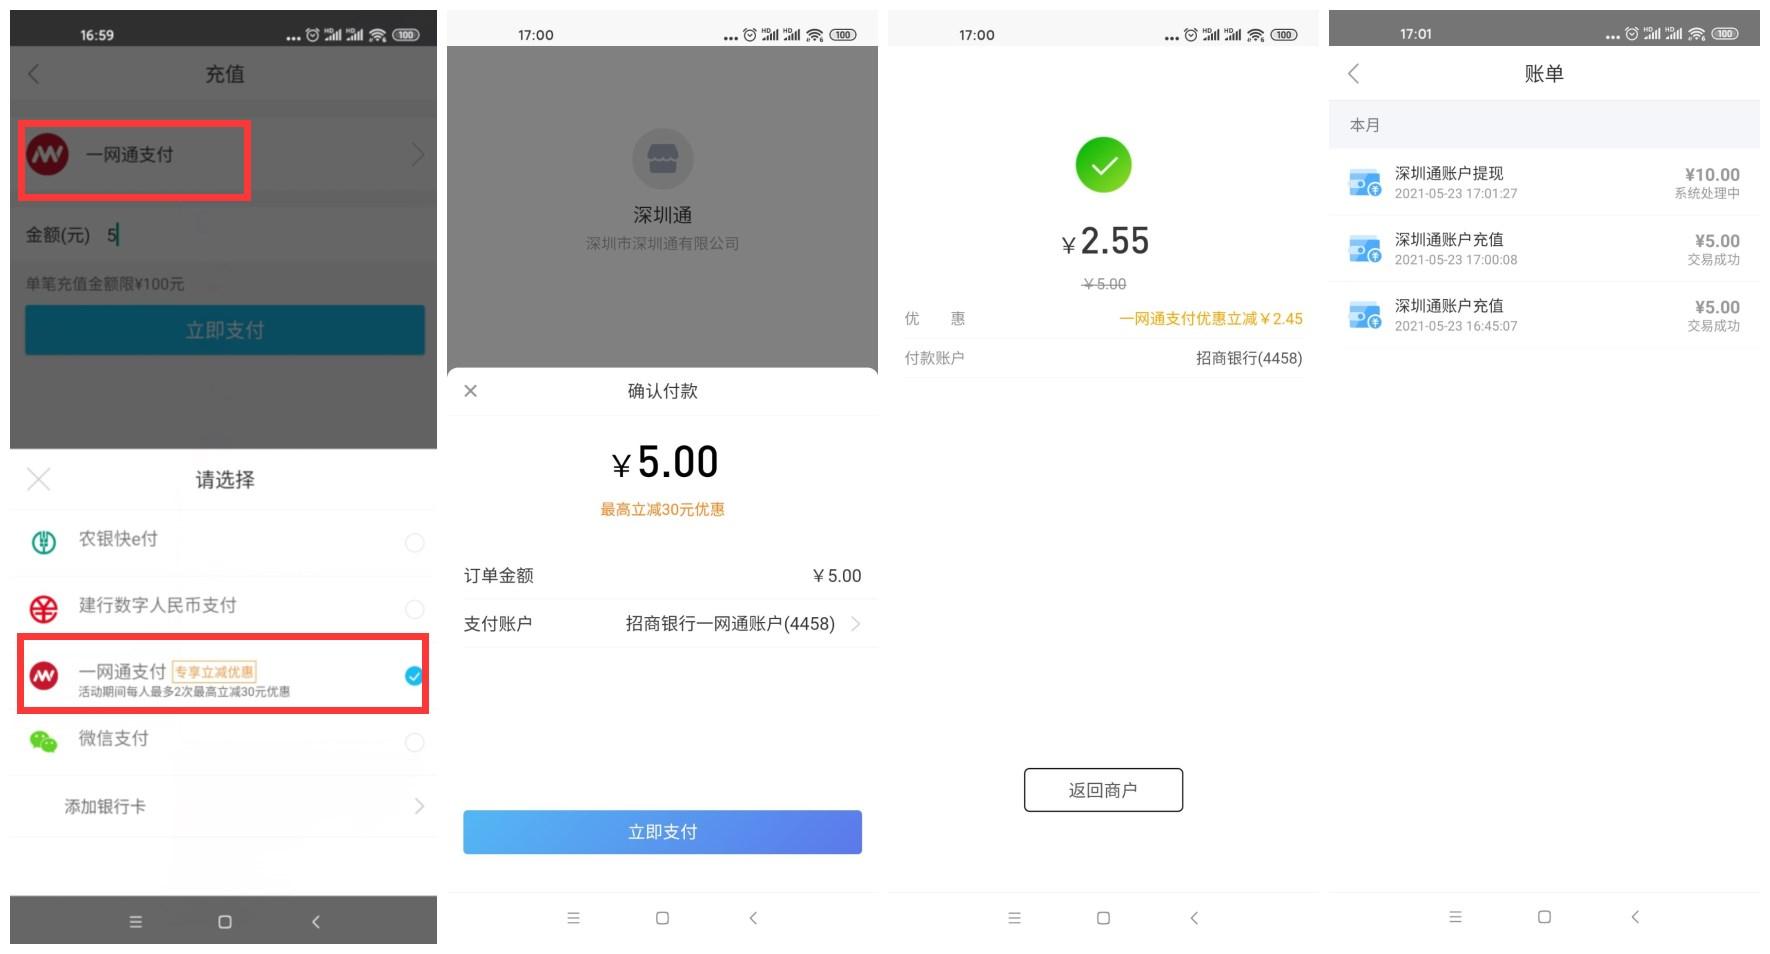 招行深圳通领取5元微信零钱